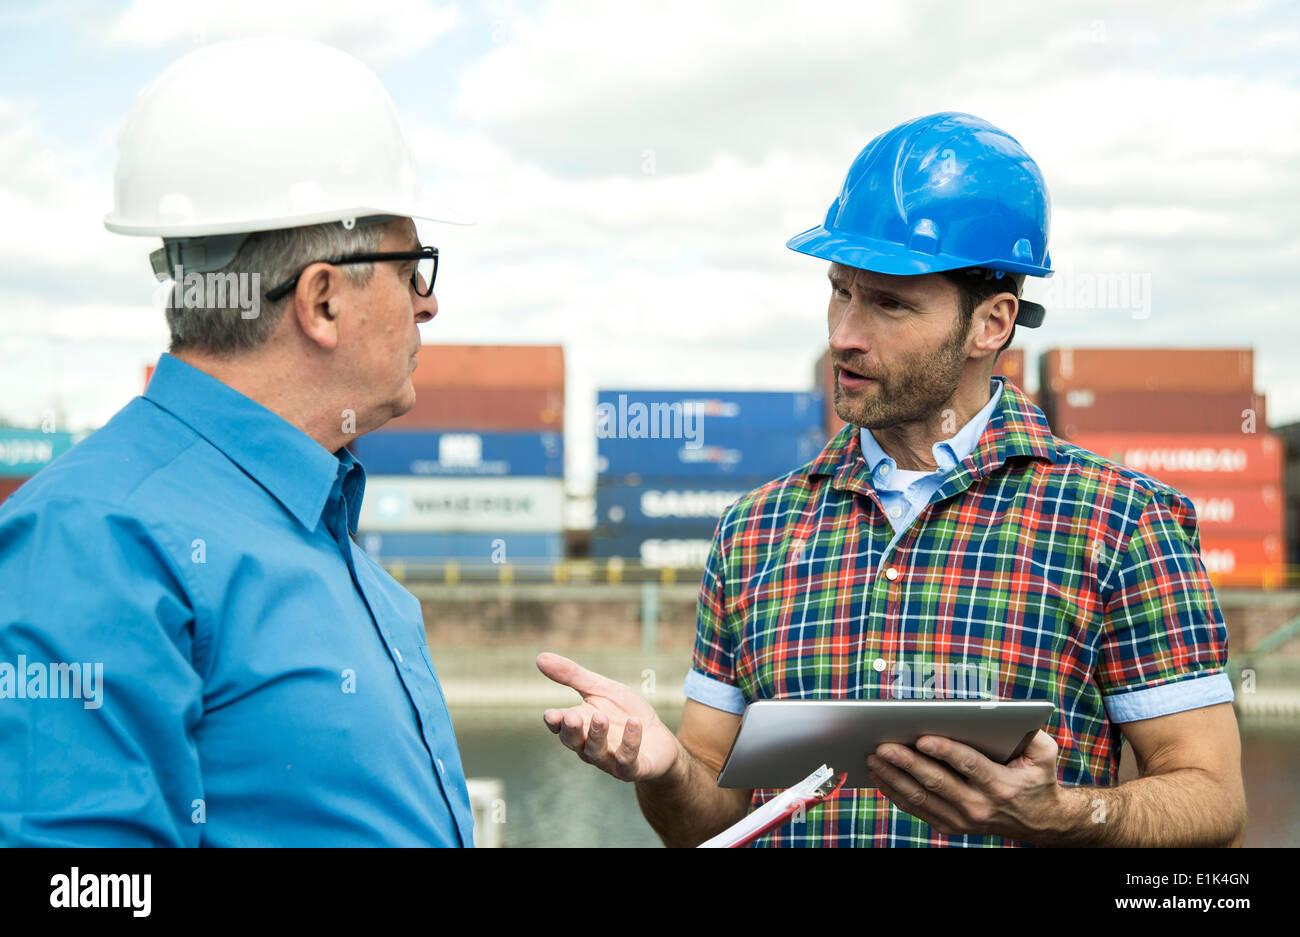 Deux hommes avec des casques de sécurité parler au port à conteneurs Photo Stock